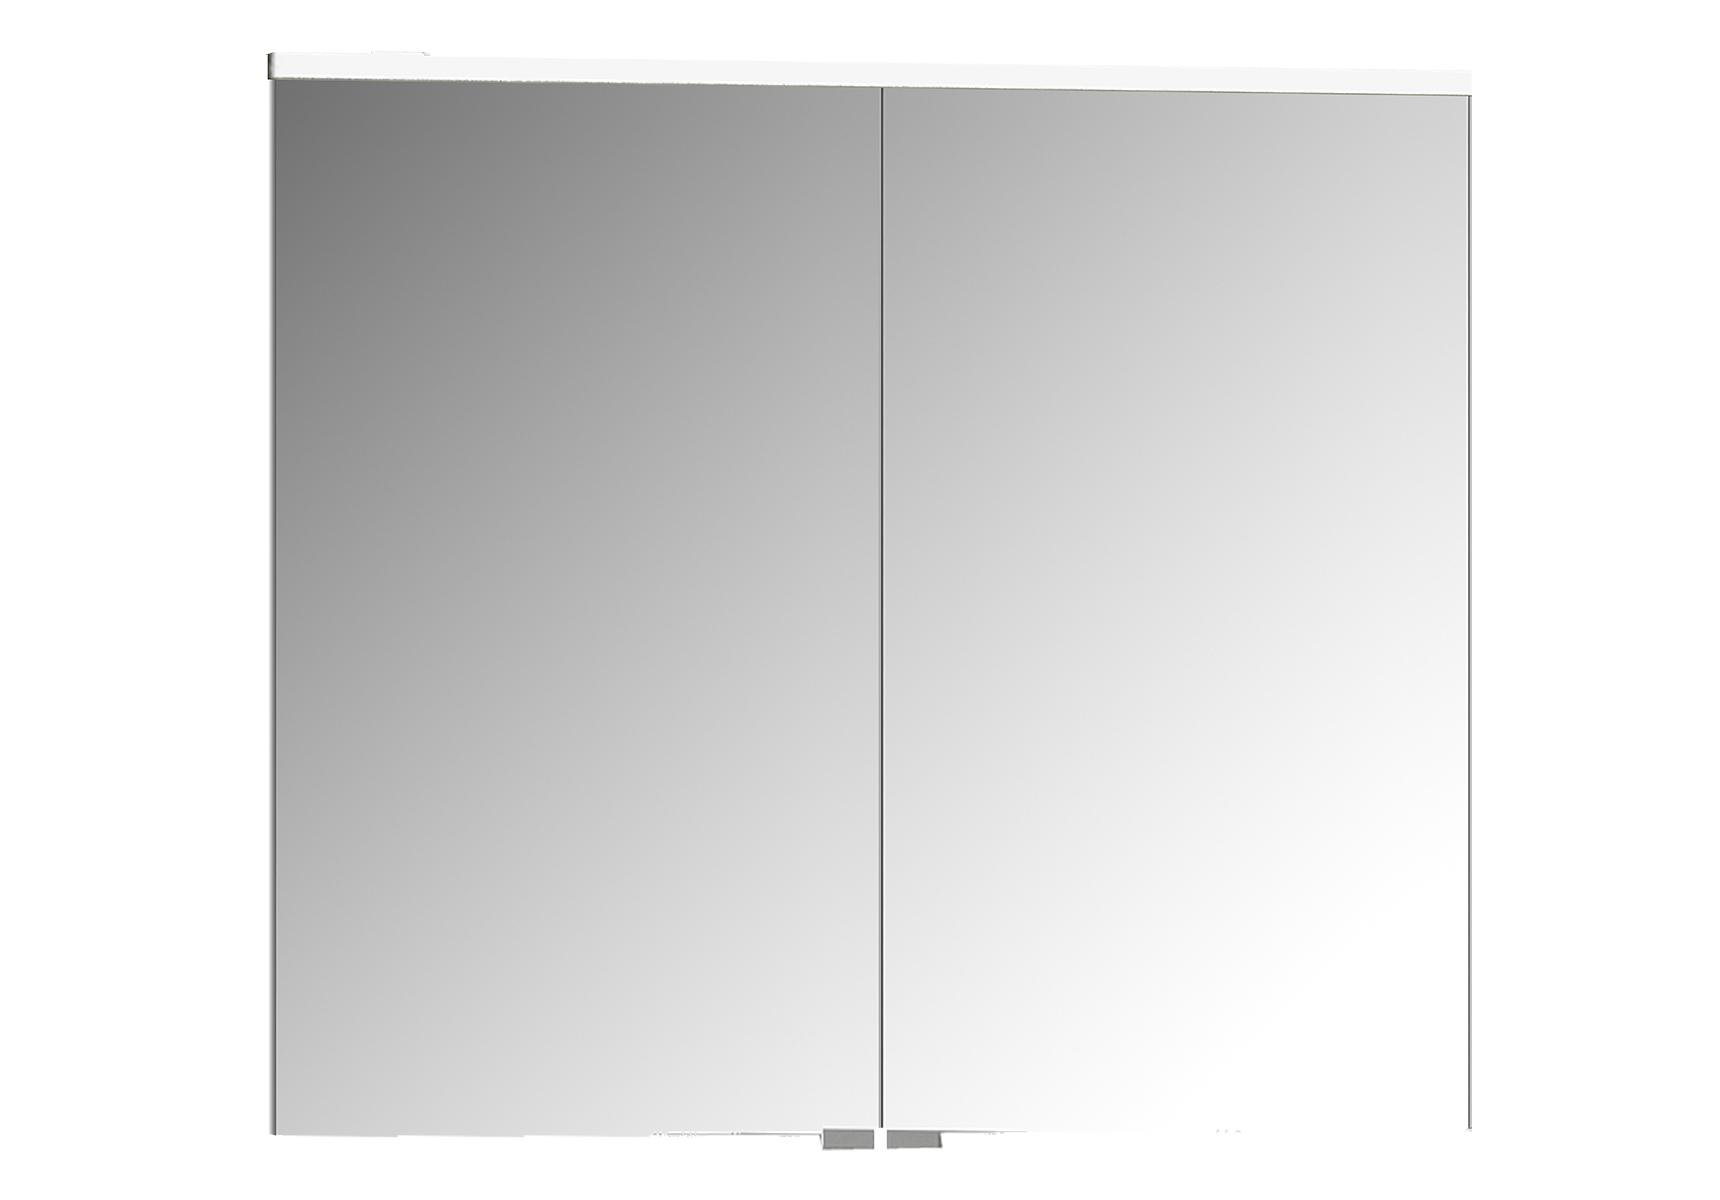 Sento Premium LED-Spiegelschrank, 80 cm, Weiß Matt